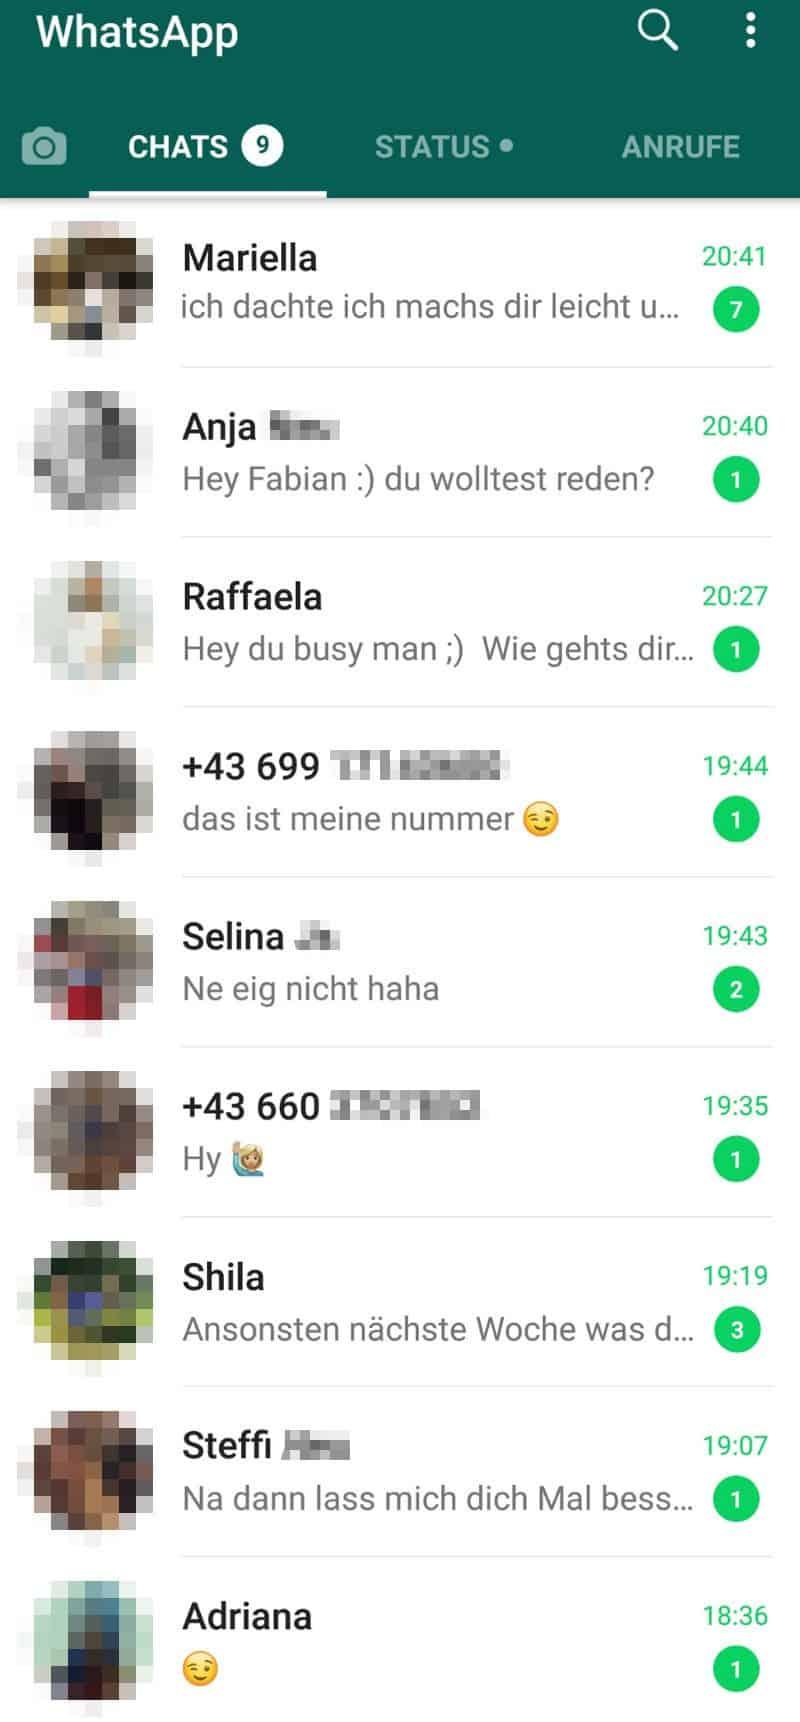 Von frauen nummern whatsapp WhatsApp Date